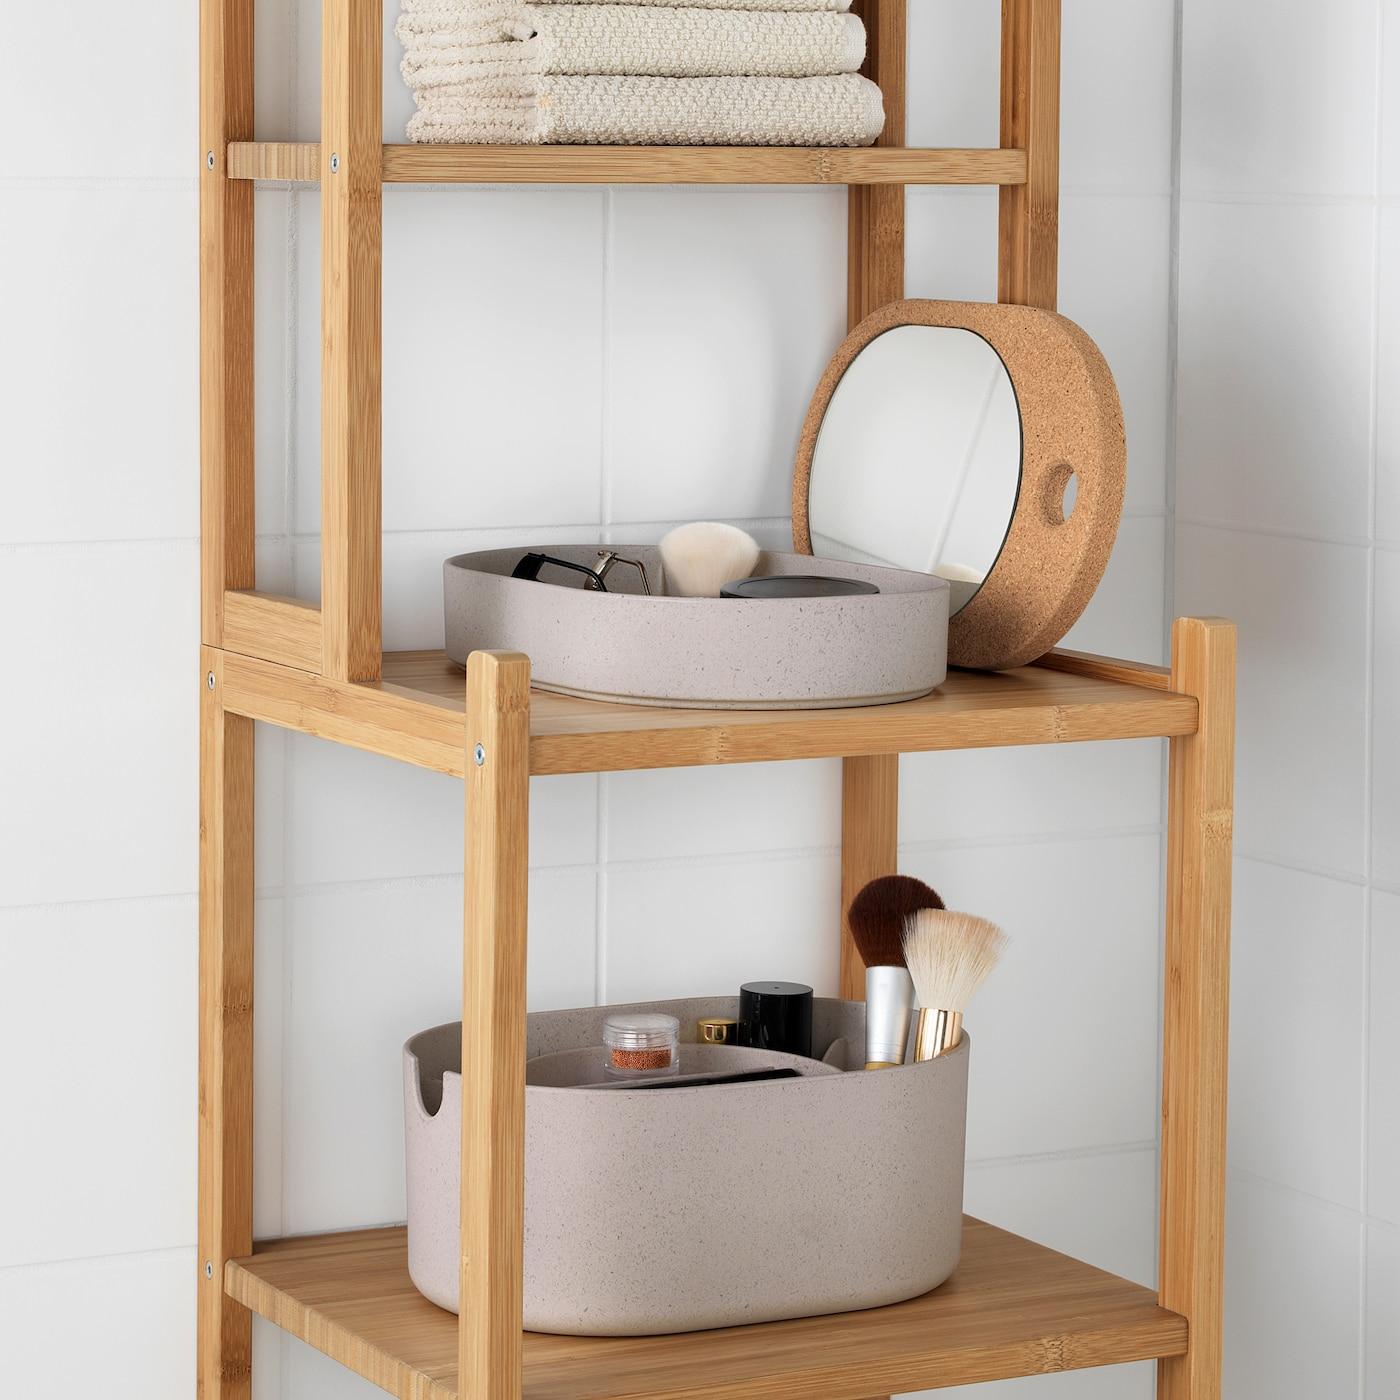 Saxborga Opbevaringsboks Med Spejllag Plast Kork 24x17 Cm Ikea